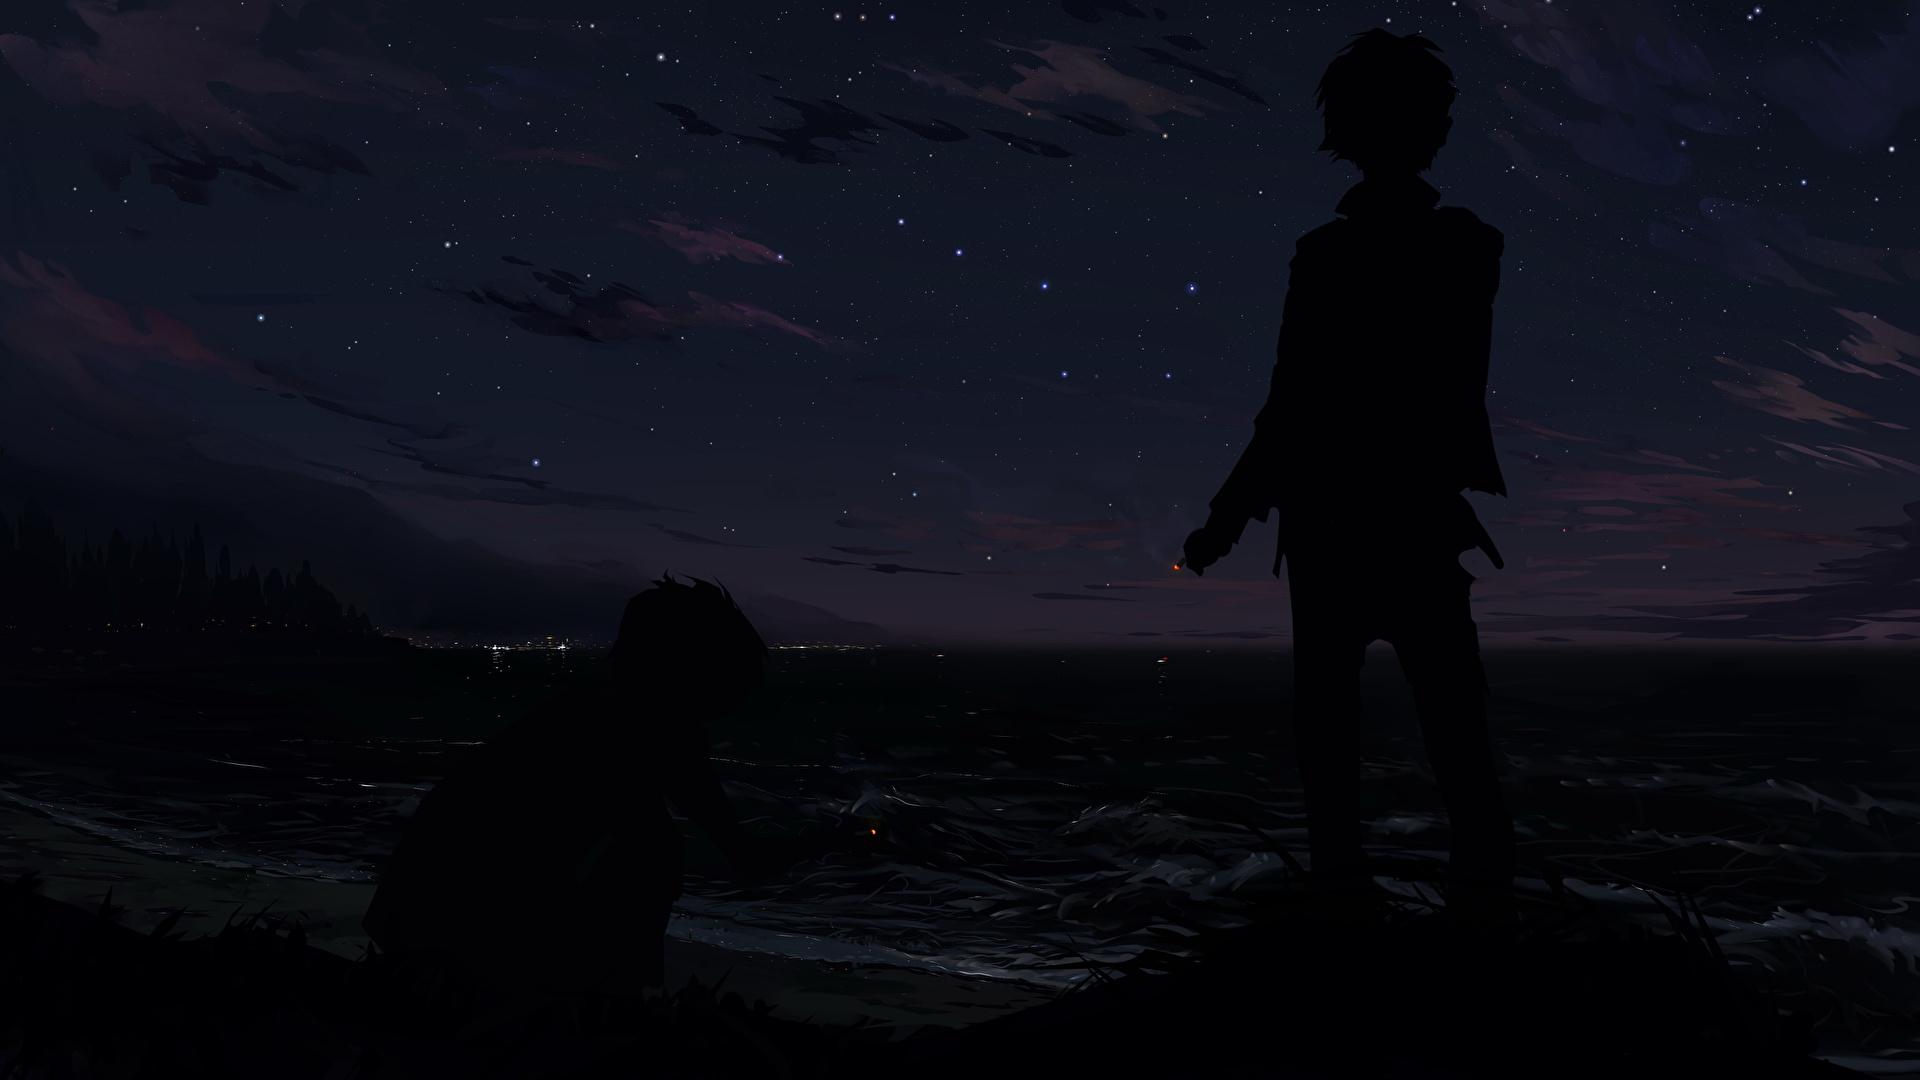 Обои мальчик силуэта Аниме в ночи 1920x1080 Мальчики мальчишки мальчишка Силуэт силуэты Ночь ночью Ночные